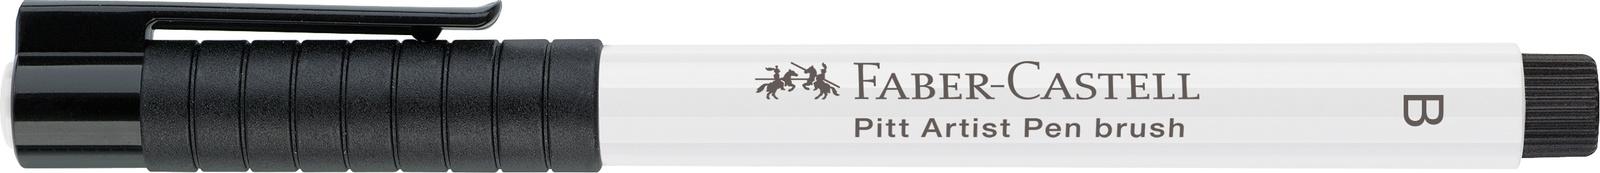 Faber-Castell: Pitt Artist Brush Pen - White image